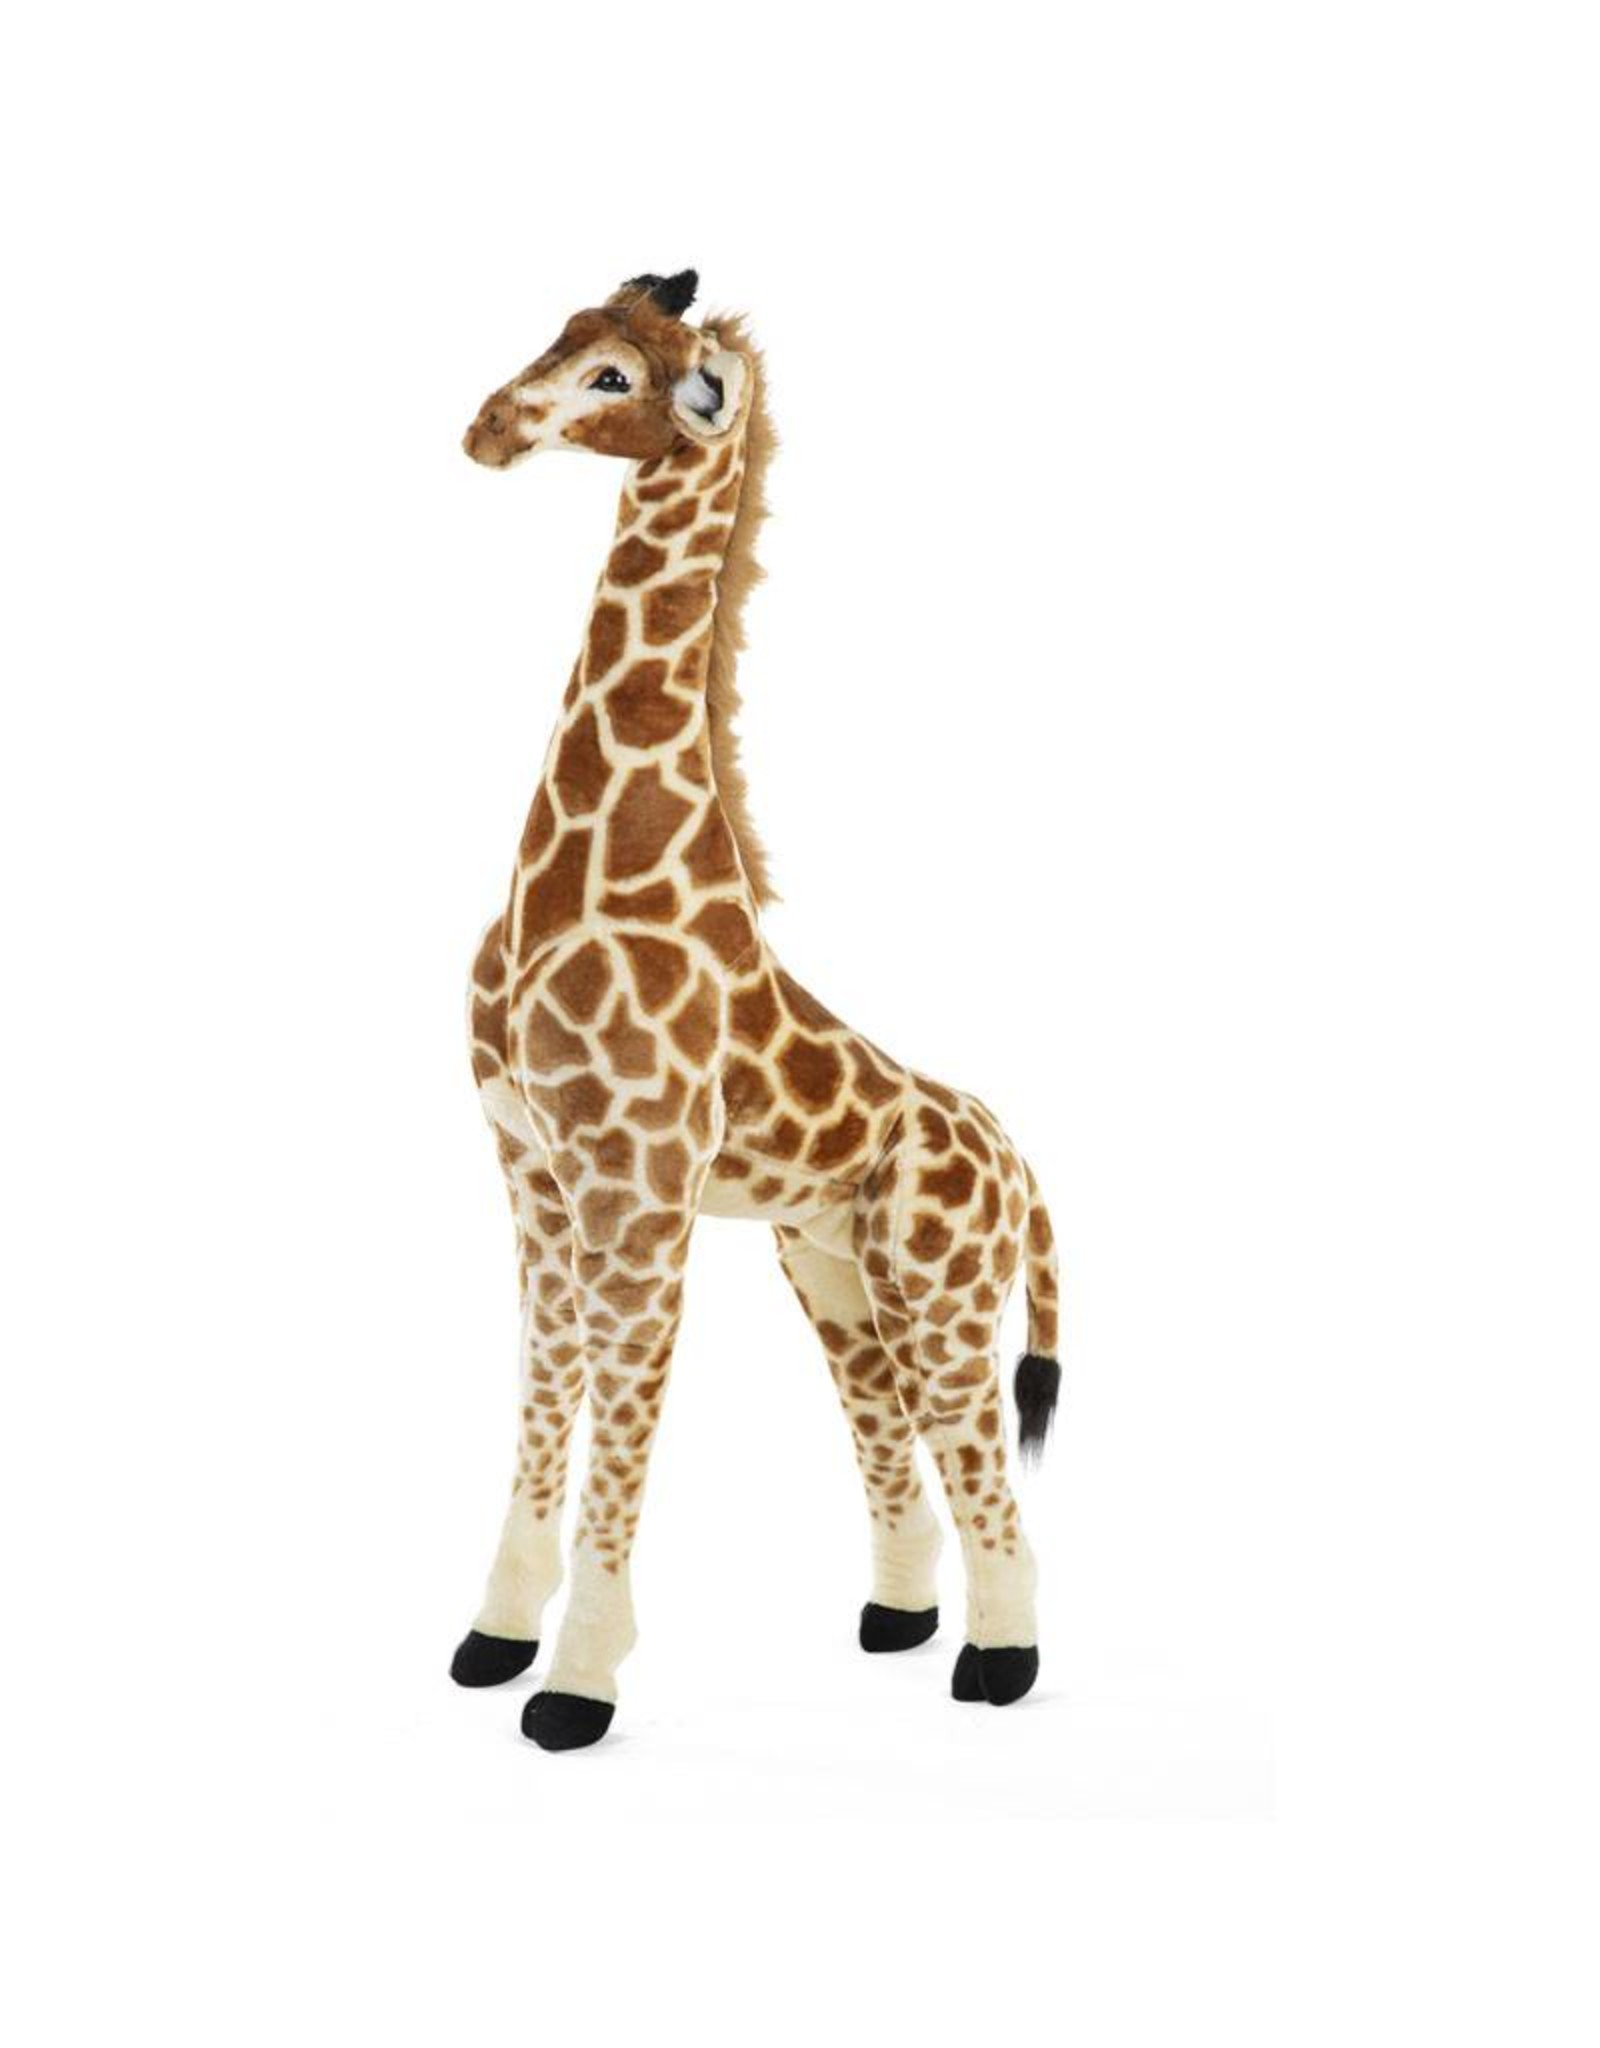 Childhome Childhome Staande Giraf Knuffel - 50x40x135 Cm - Bruin Geel